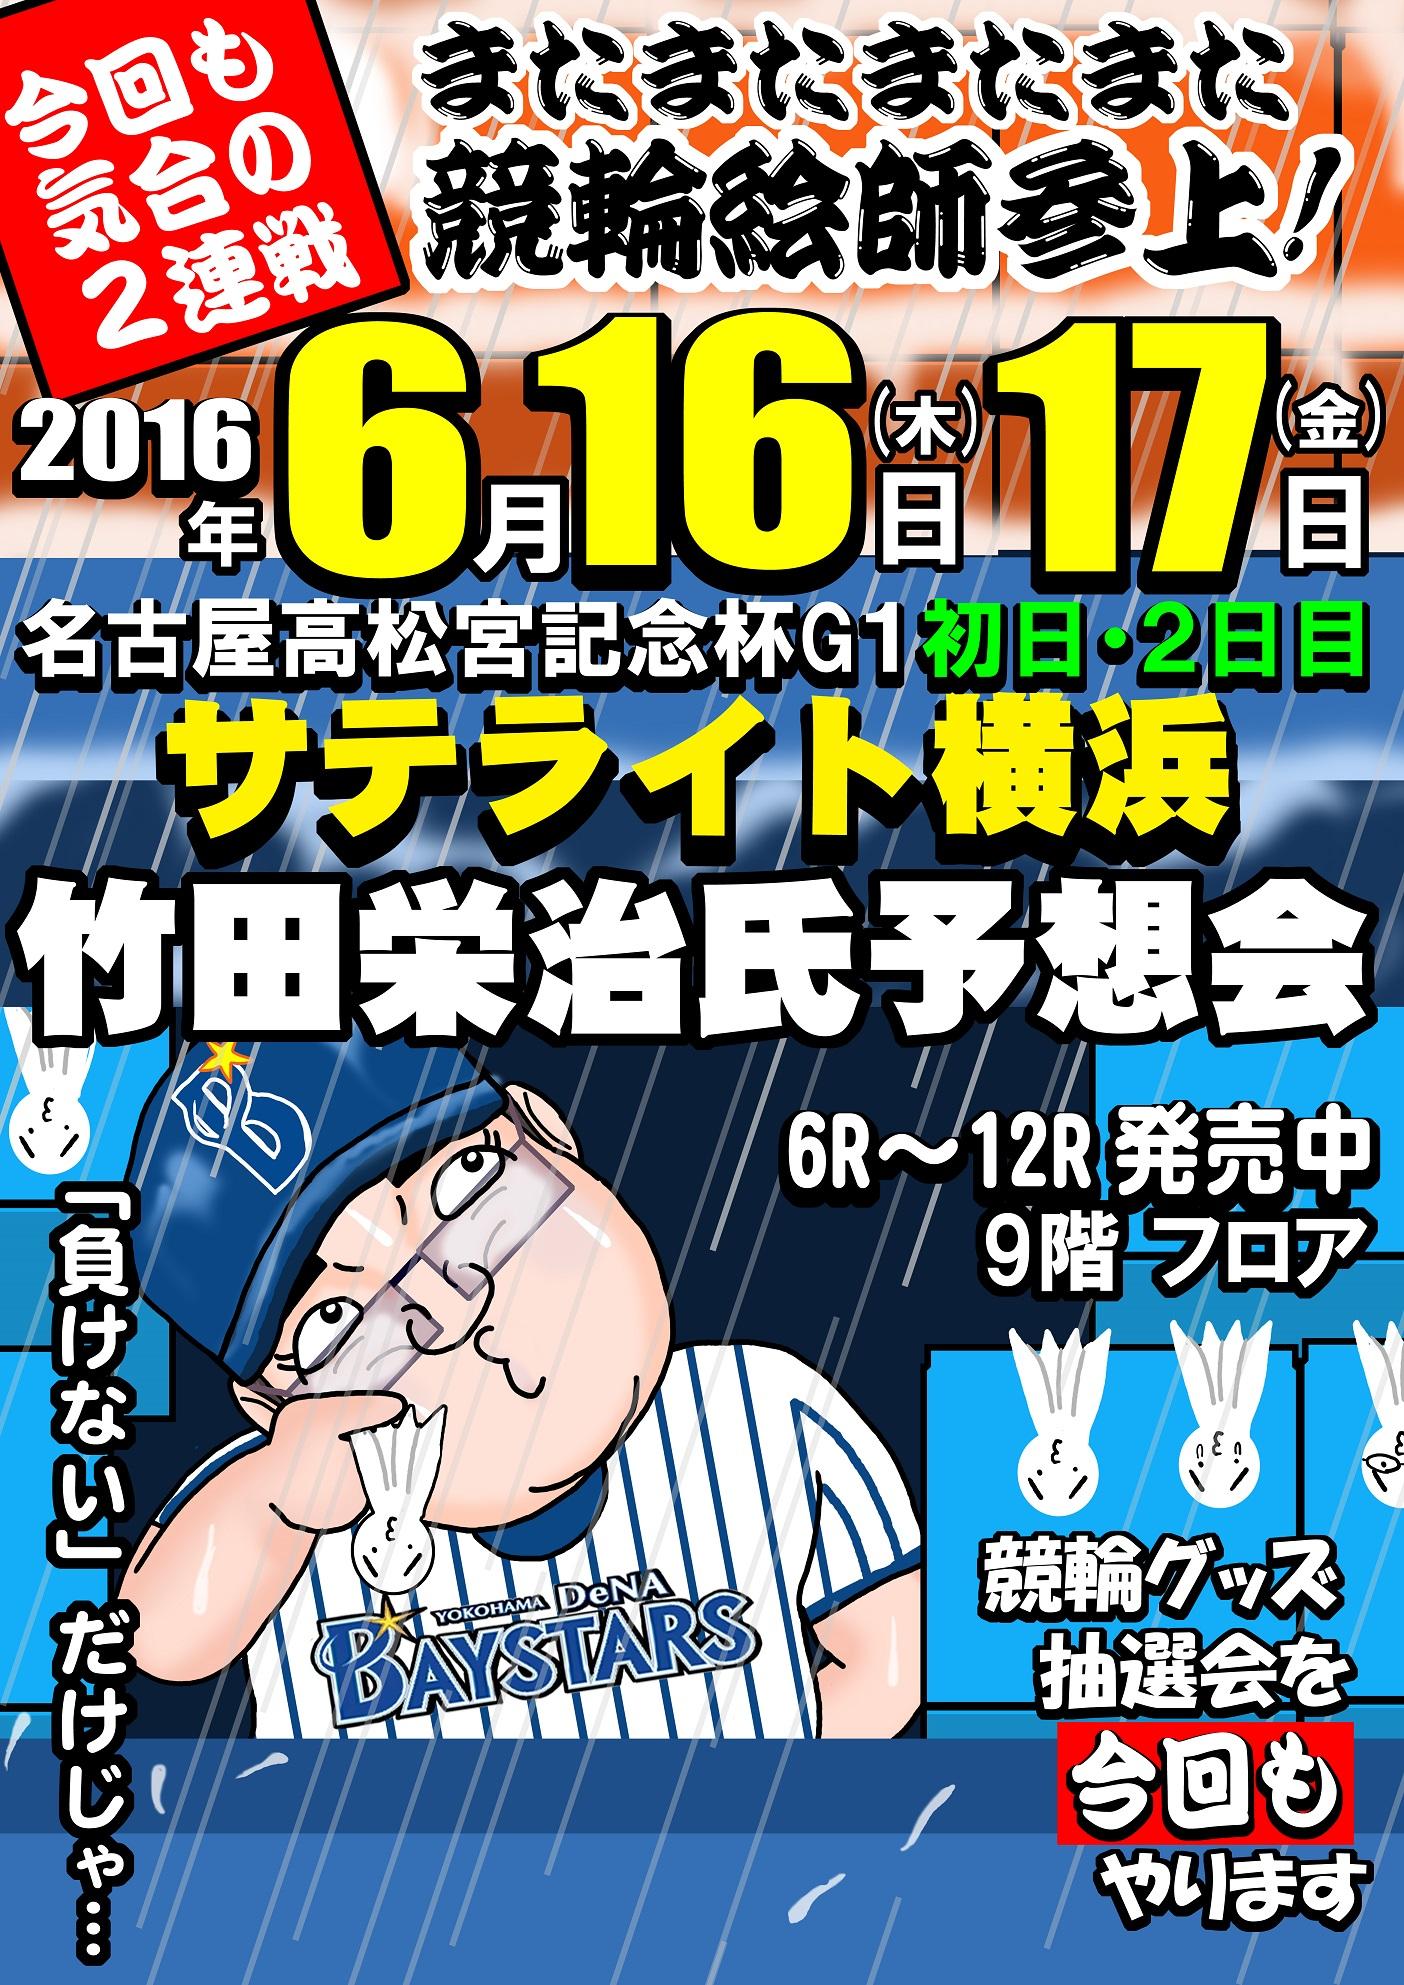 2016年6月S横浜ポスター